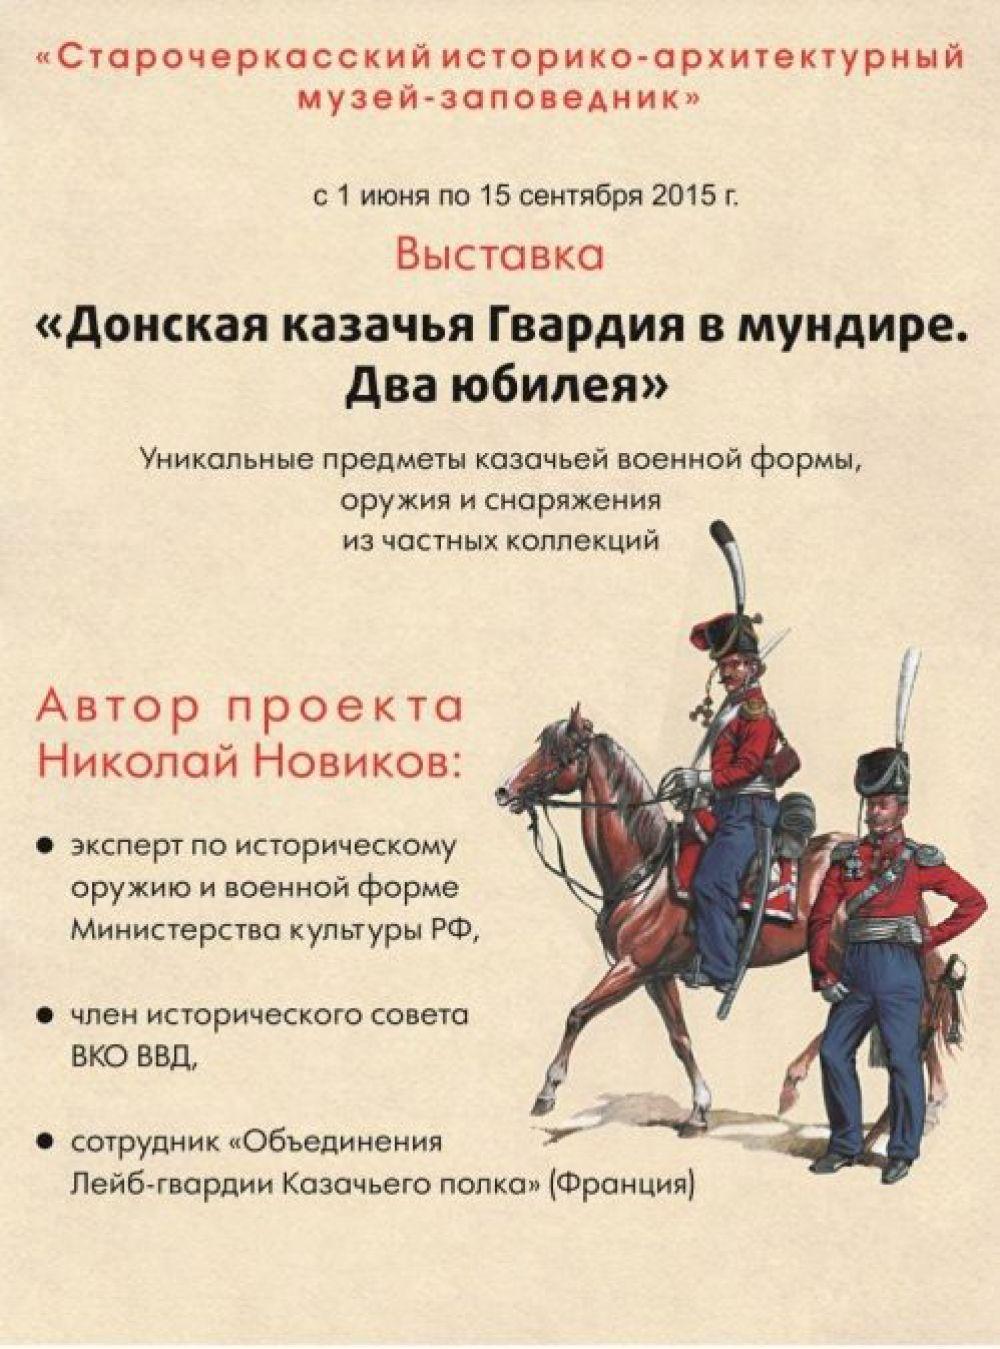 Выставку «Донская казачья гвардия в мундире. Два юбилея» в Старочеркасском историко-архитектурном музее-заповеднике посетили уже несколько тысяч человек.